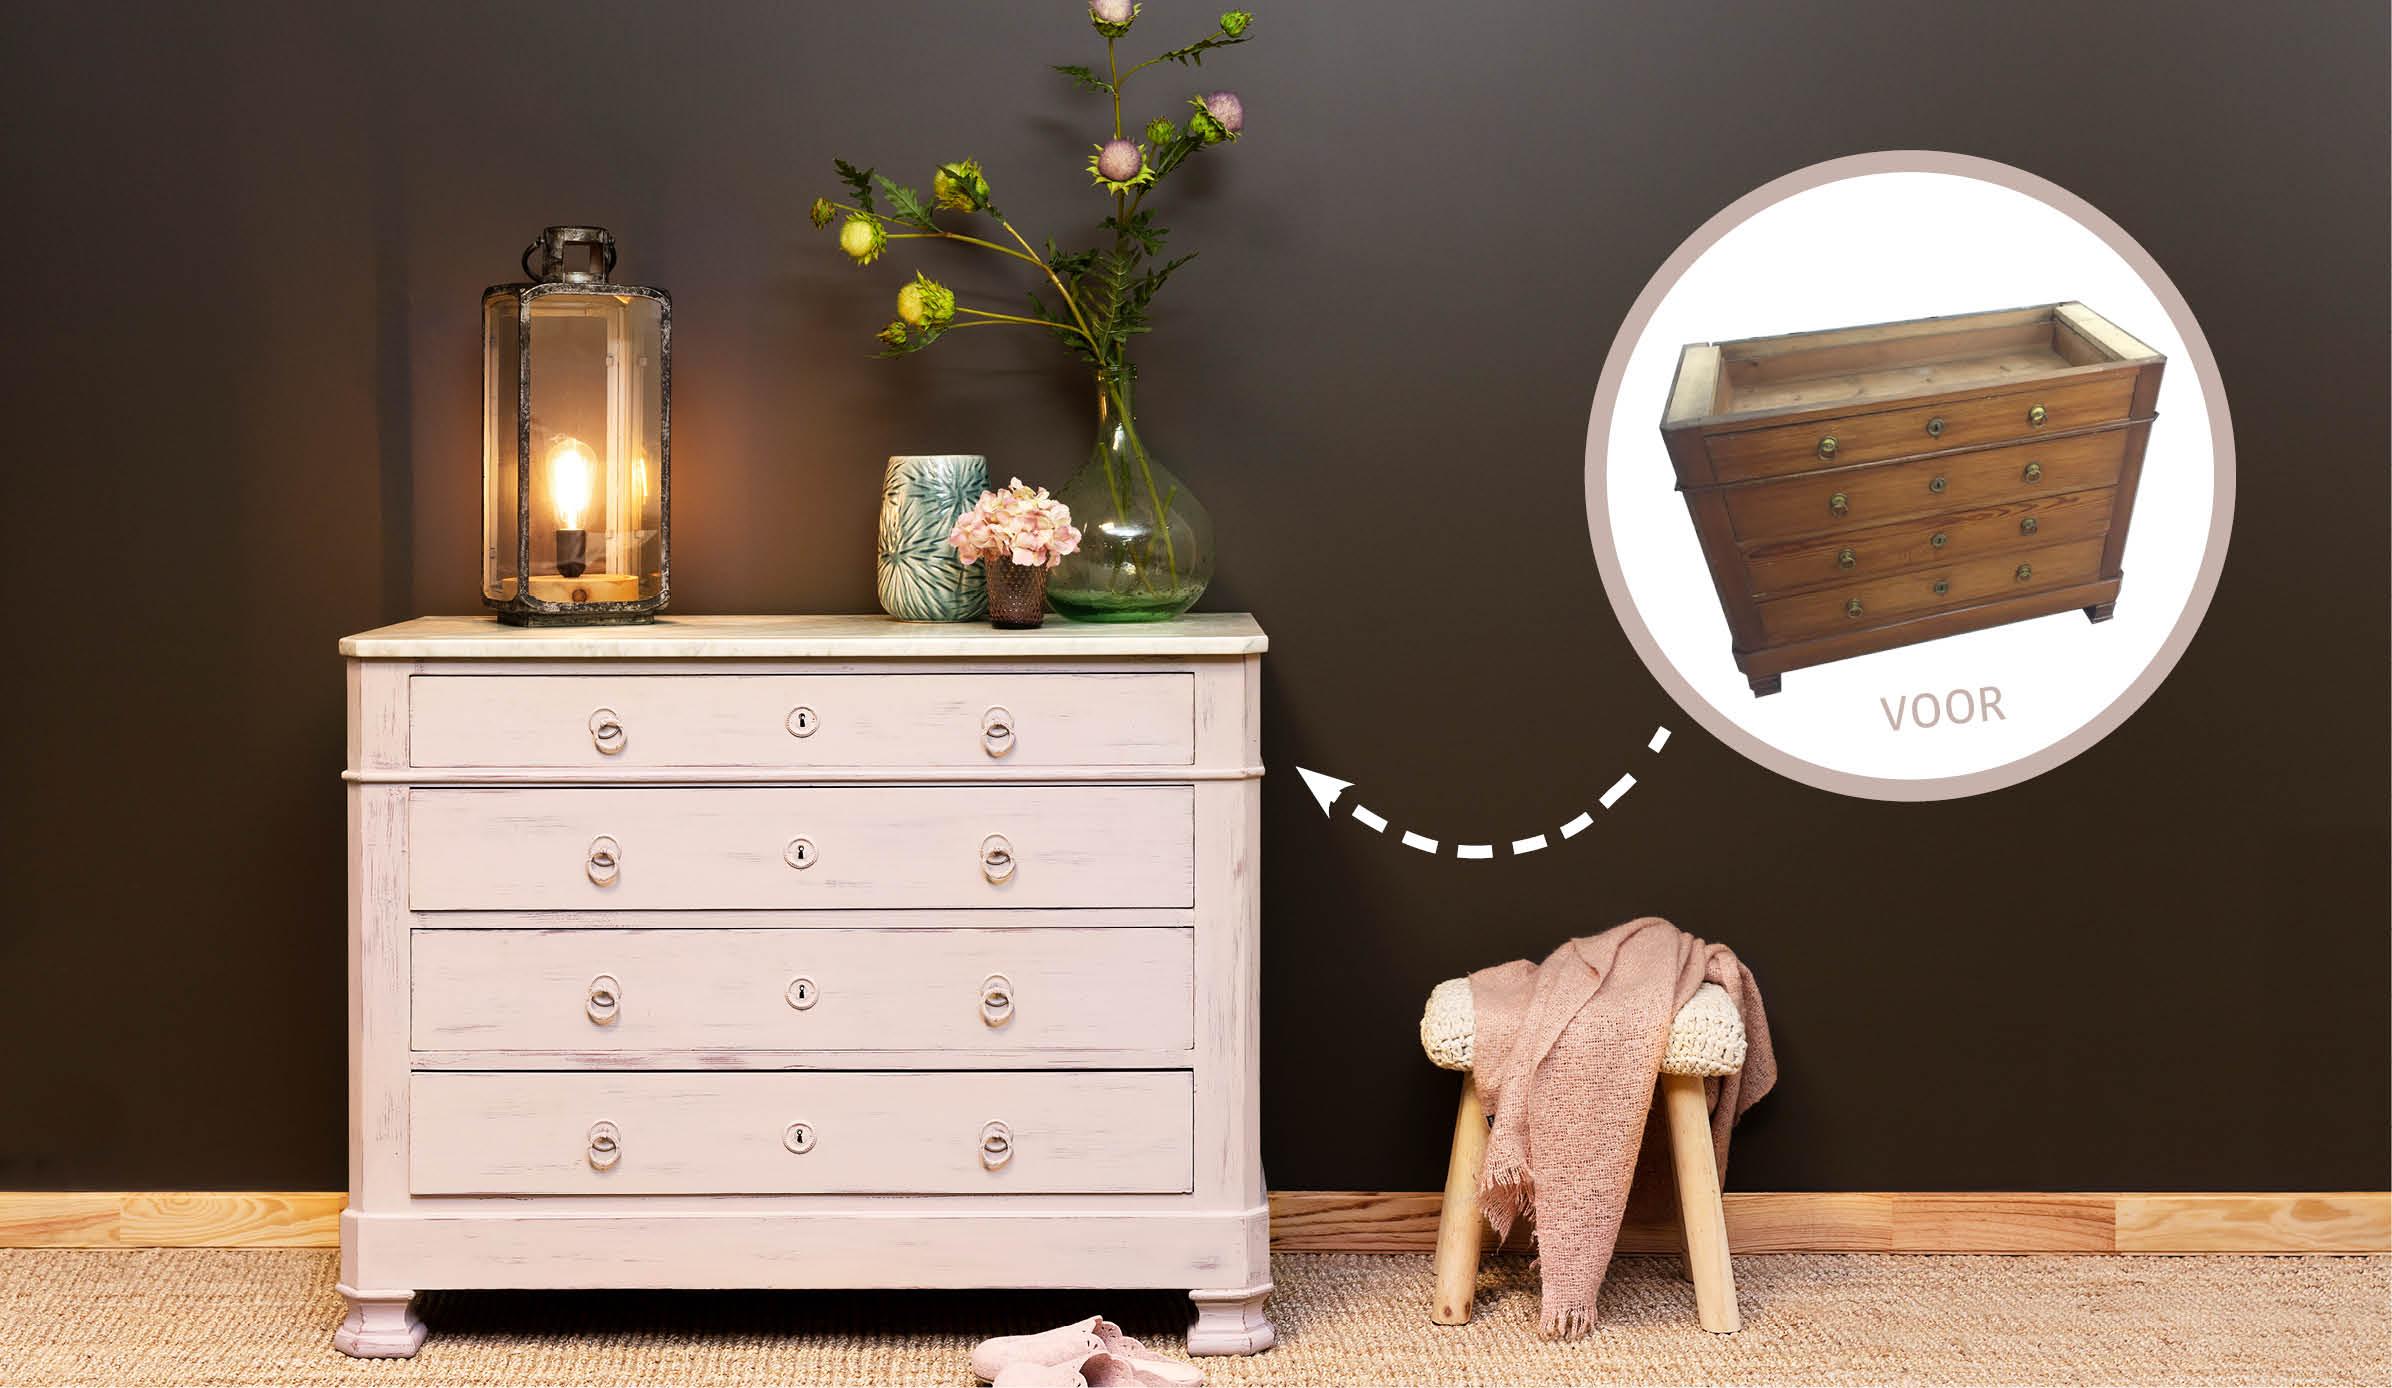 Donnez du style à votre mobilier - Rustique